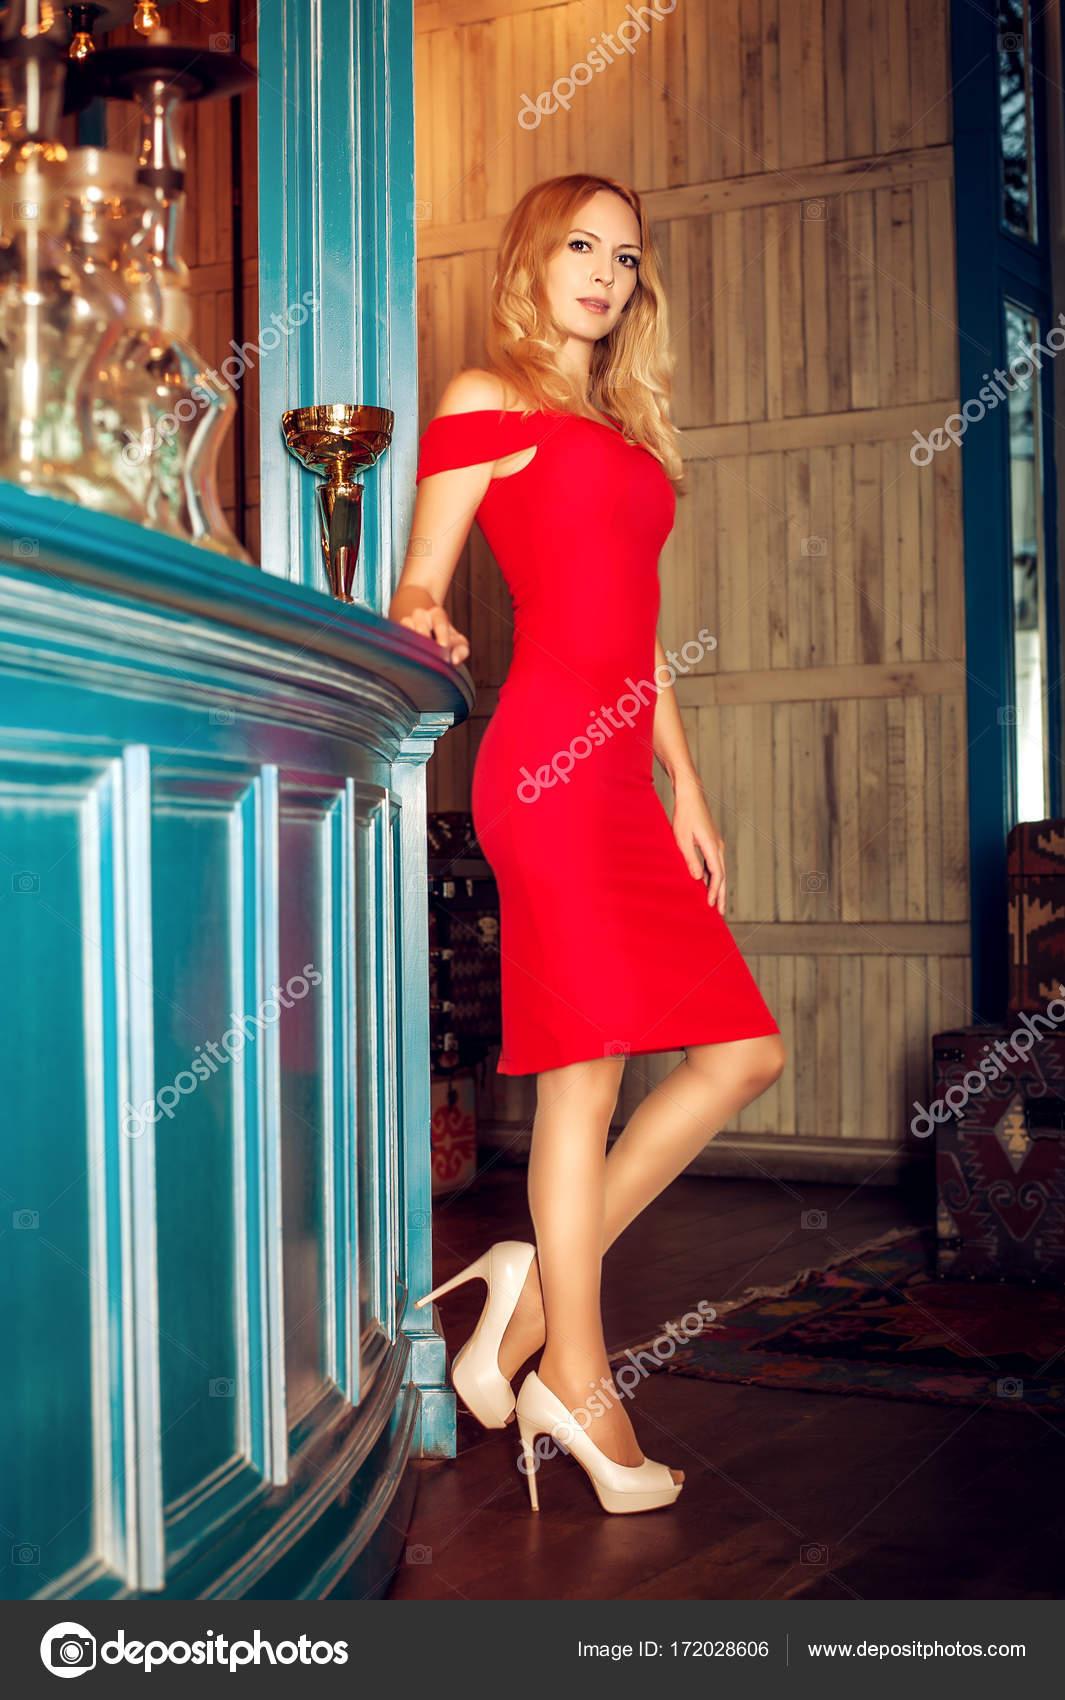 a779b5919aa1aa Prachtige blond meisje - model - in rode jurk hoge hakken en lange —  Stockfoto